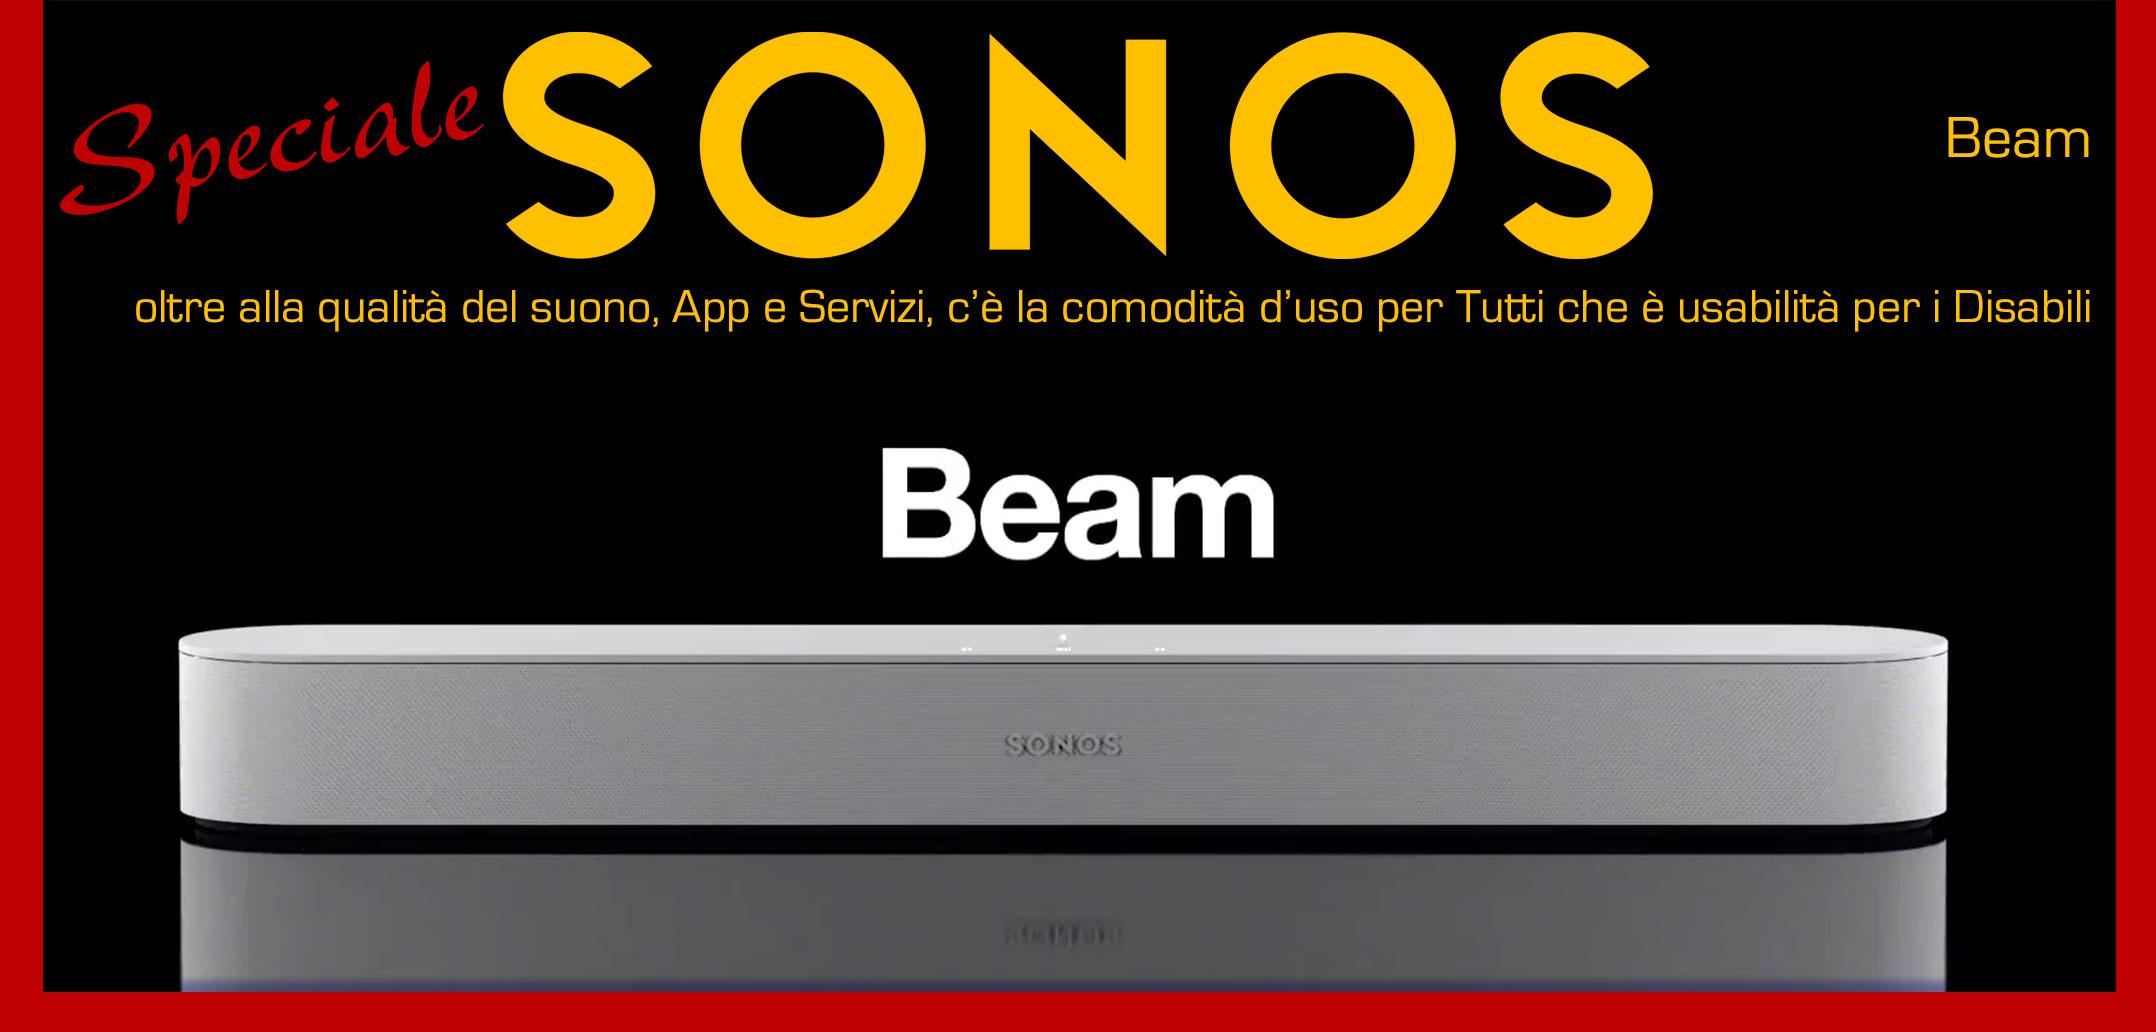 #iDDomus / Parte 7ª / Soundbar Beam di Sonos, qualità del Suono e Accessibilità ne fanno un prodotto per Tutti